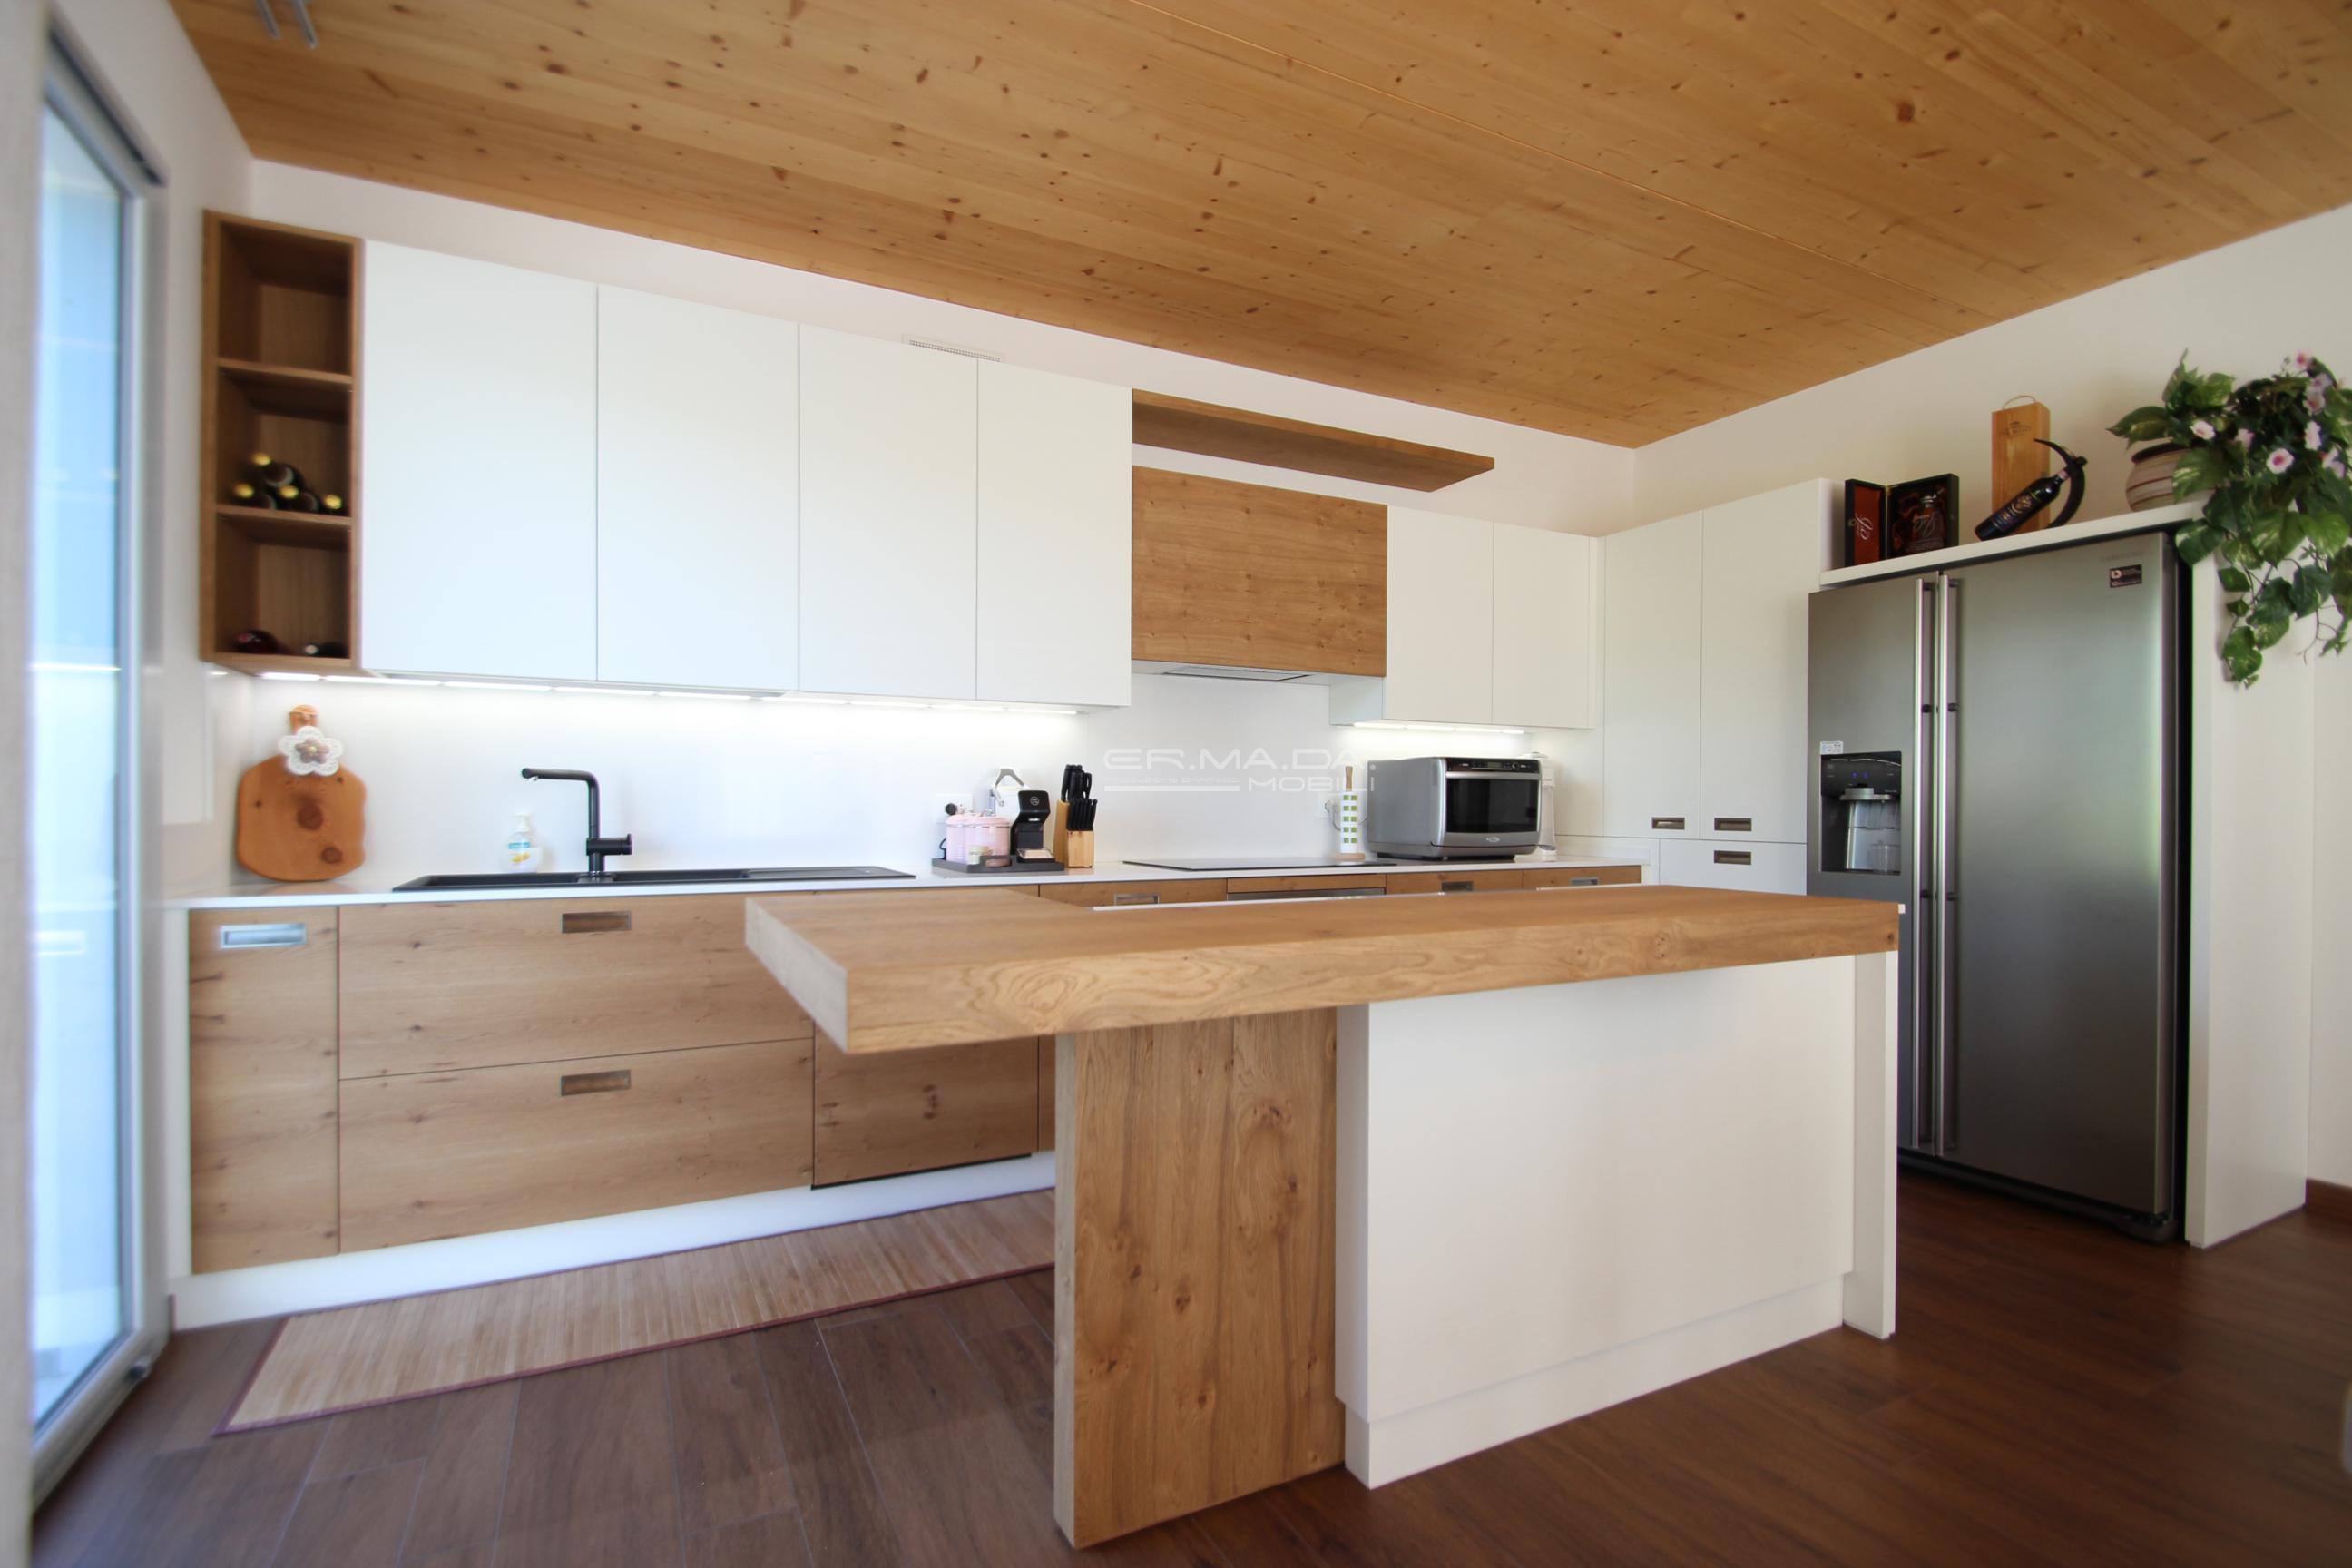 26 cucina rovere nodato er ma da mobilificio progetta e costruisce i tuoi mobili - Cucine in rovere ...